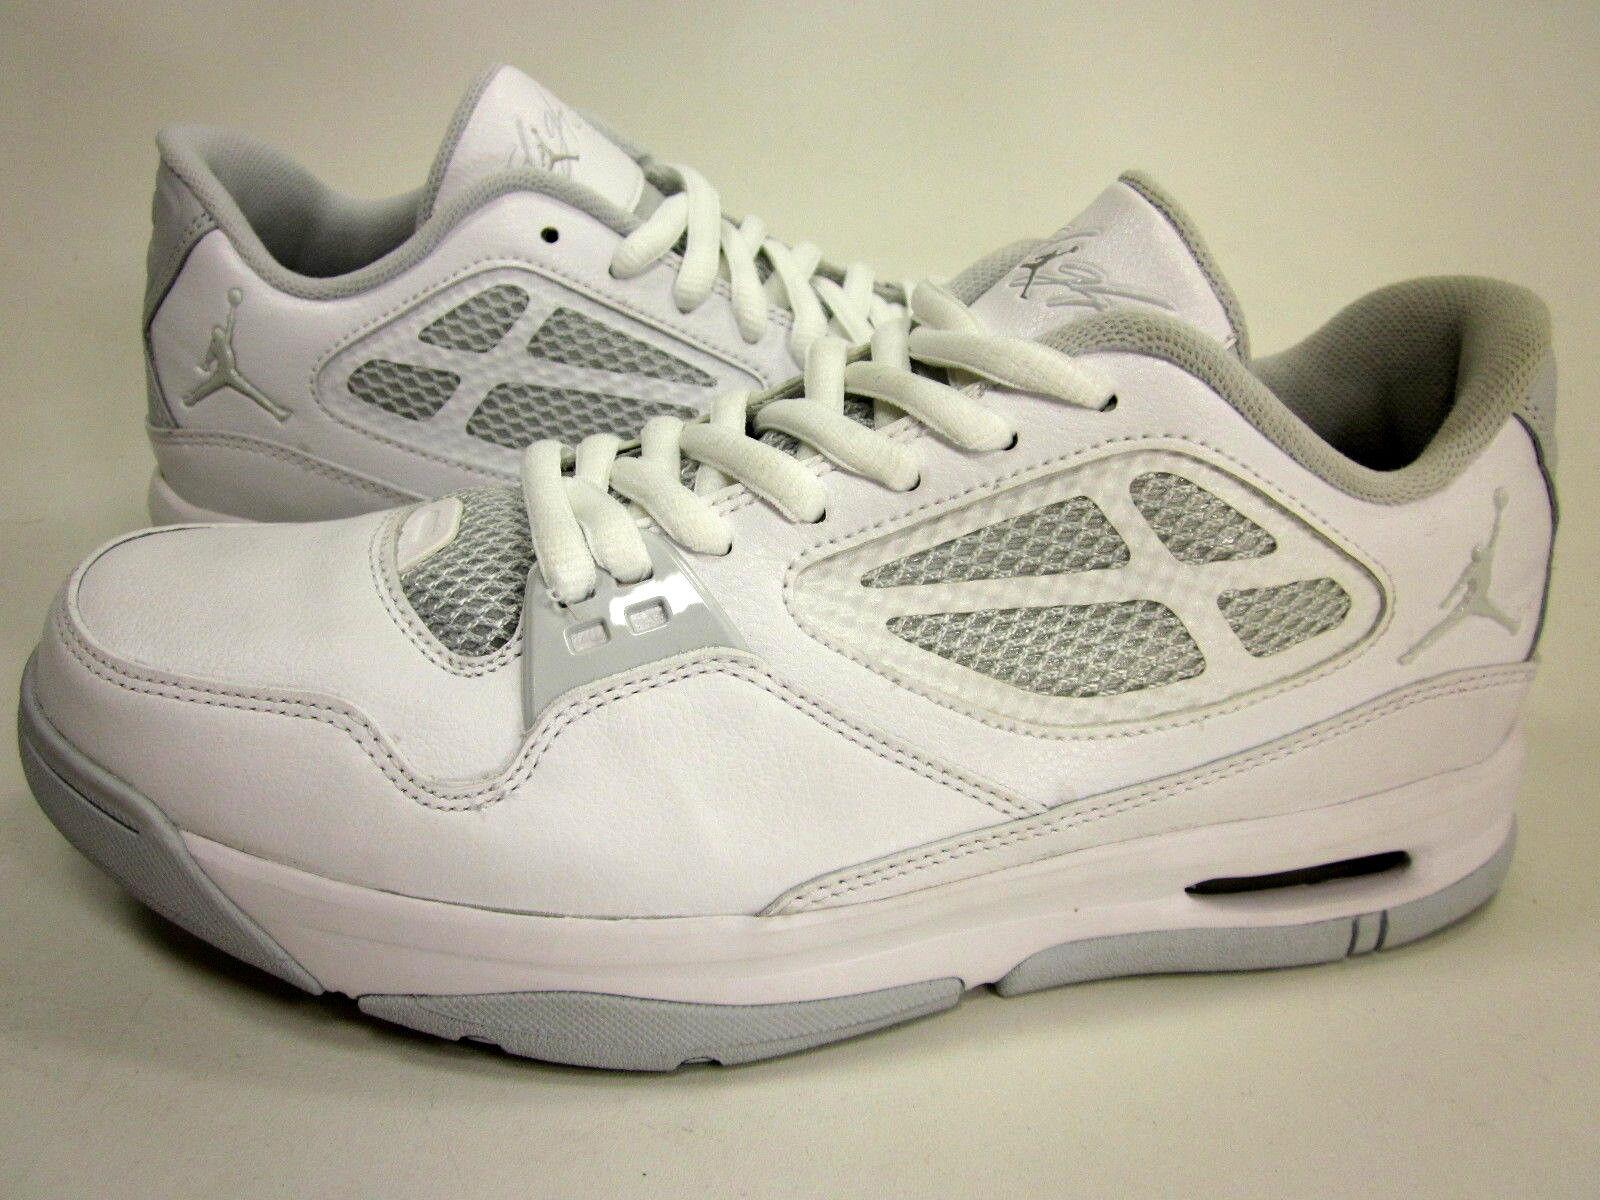 Jordan Fligero 23 rst bajo 525512 - 101, zapatos blancoos masculinos de baloncesto, talla estadounidense 8,5